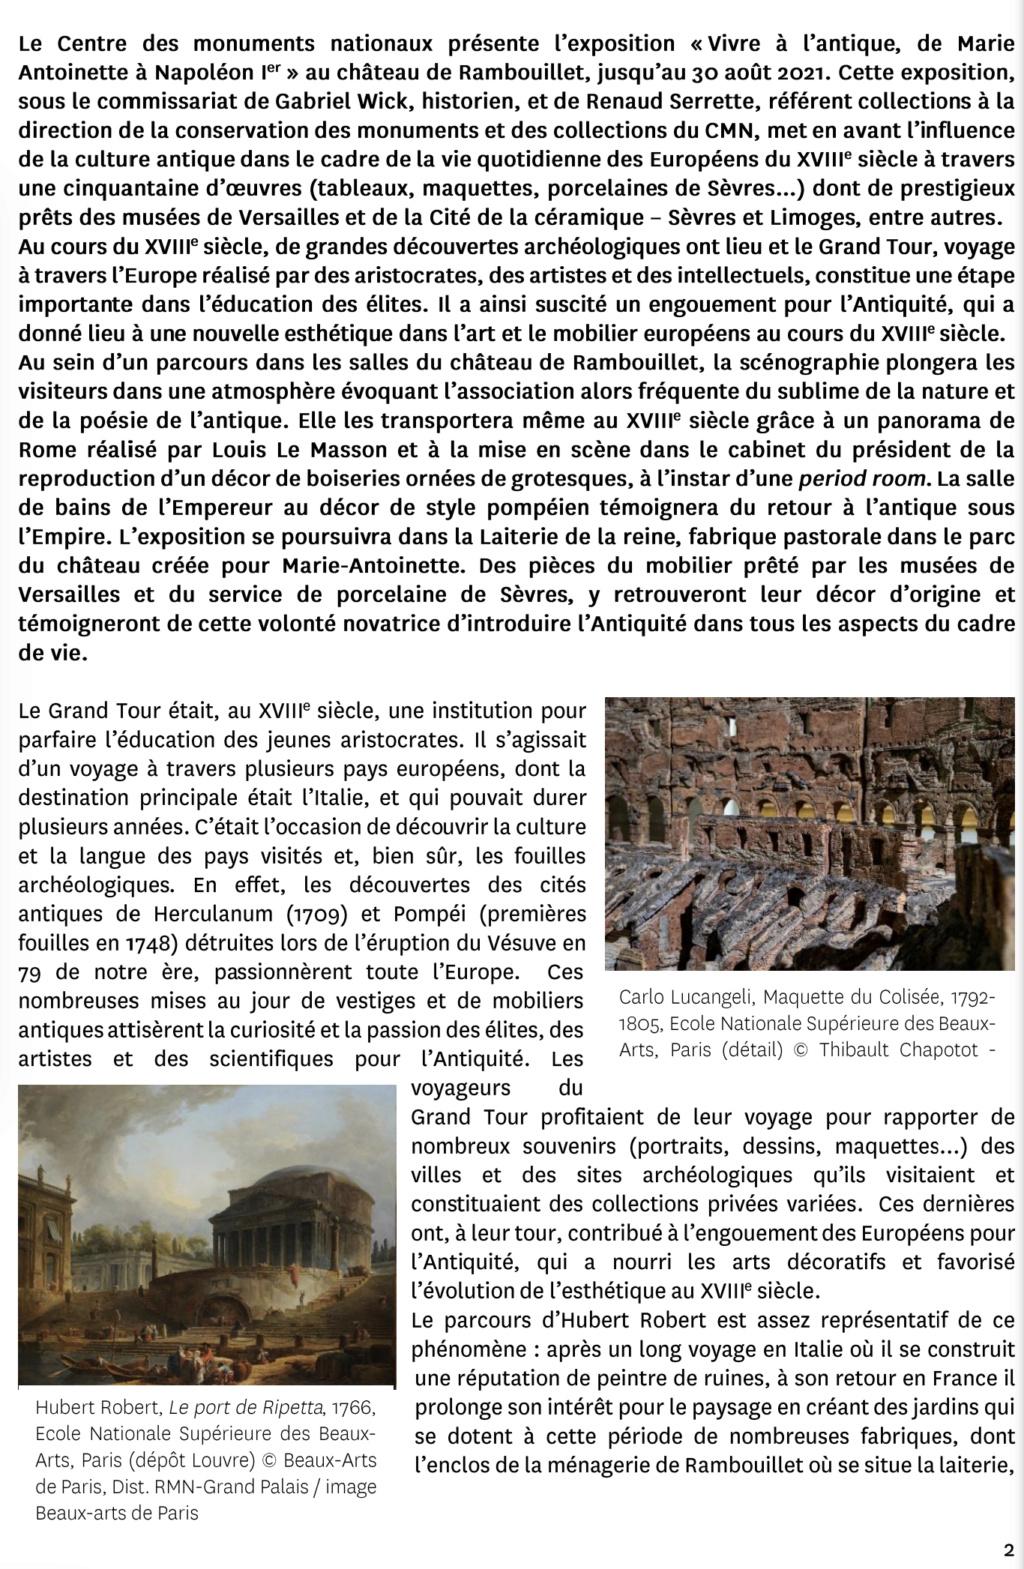 """Exposition """" Vivre à l'antique, de Marie-Antoinette à Napoléon Ier """" - Château de Rambouillet - Page 2 Capt2965"""